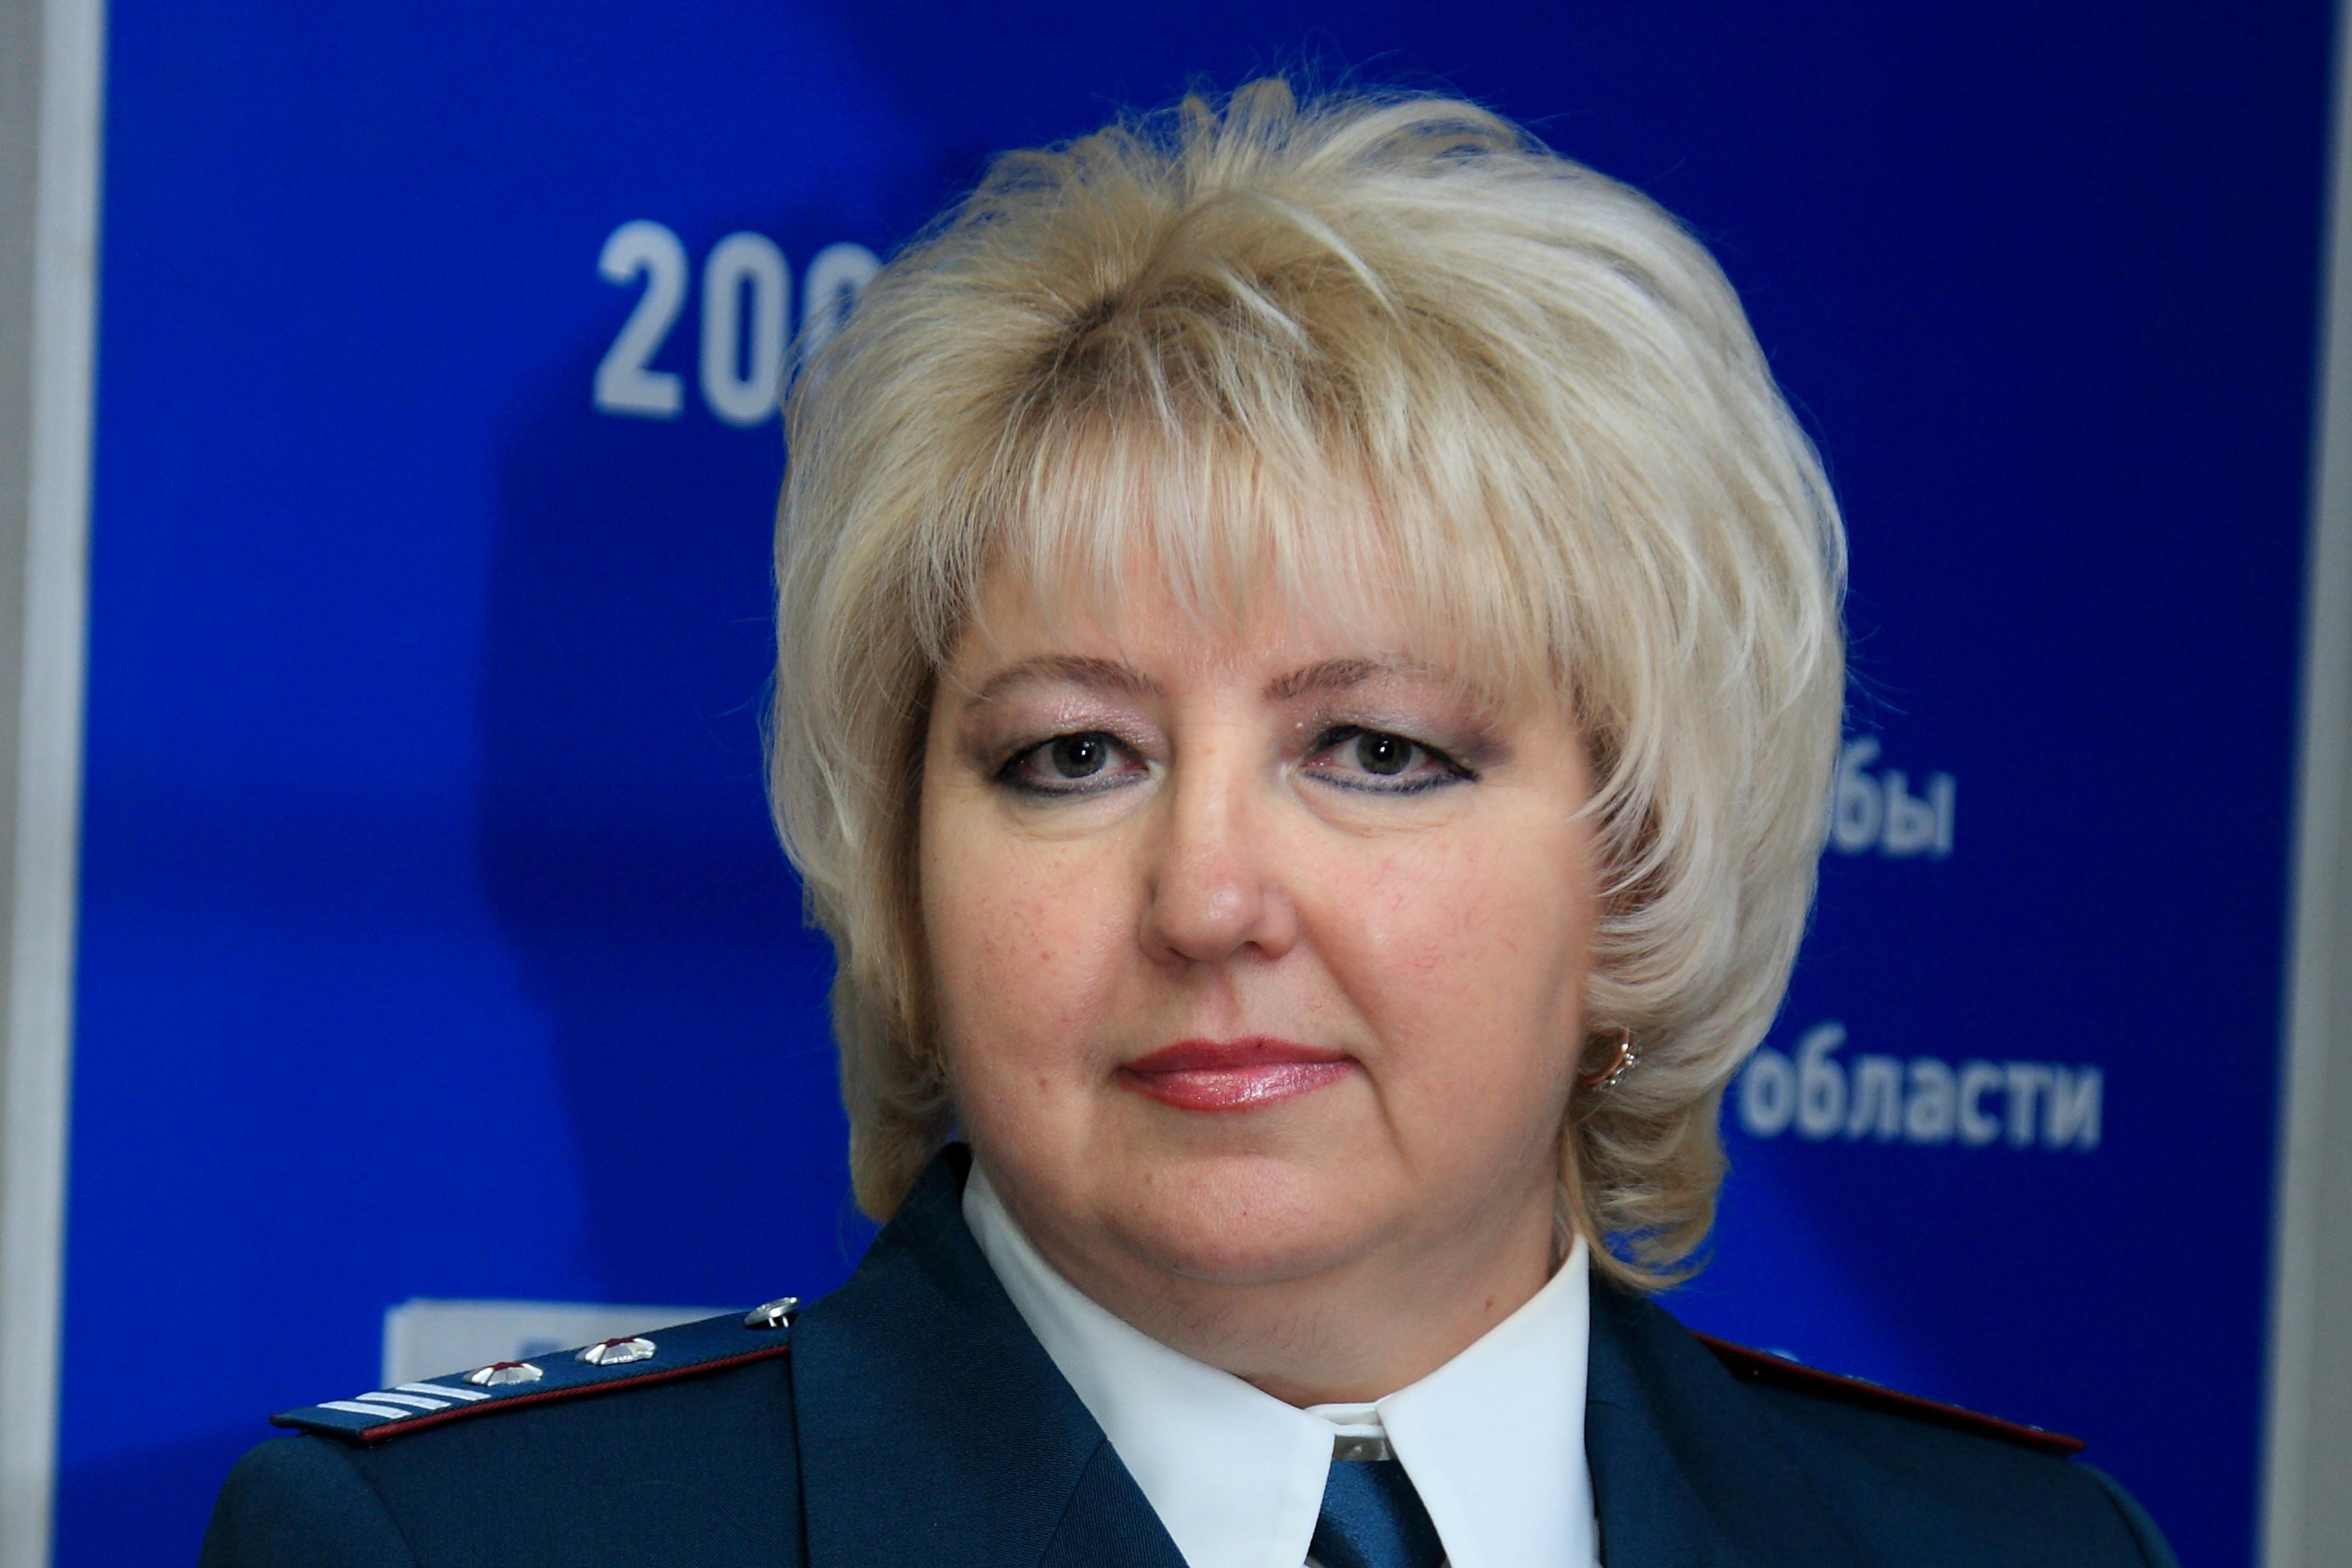 Наталья петровна домогарова фото установке механизма